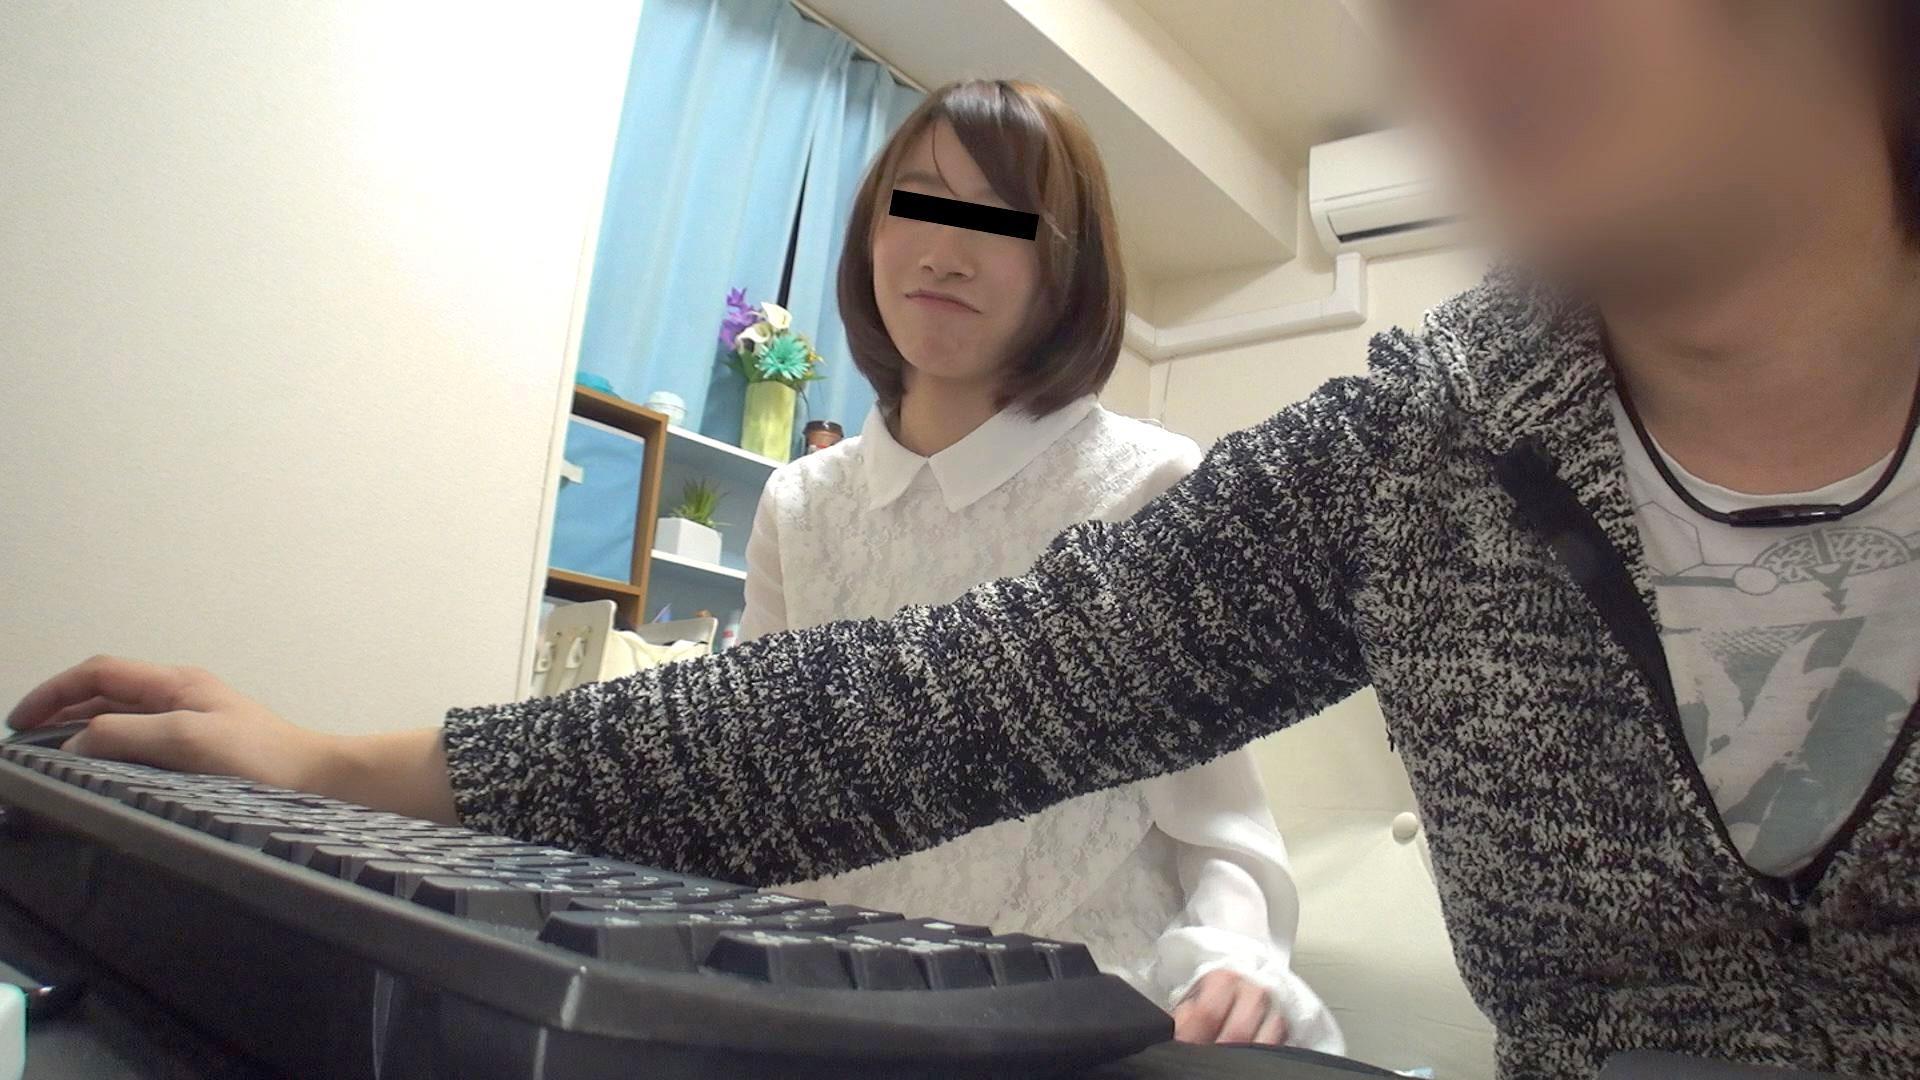 佐々木愛美 画像 58